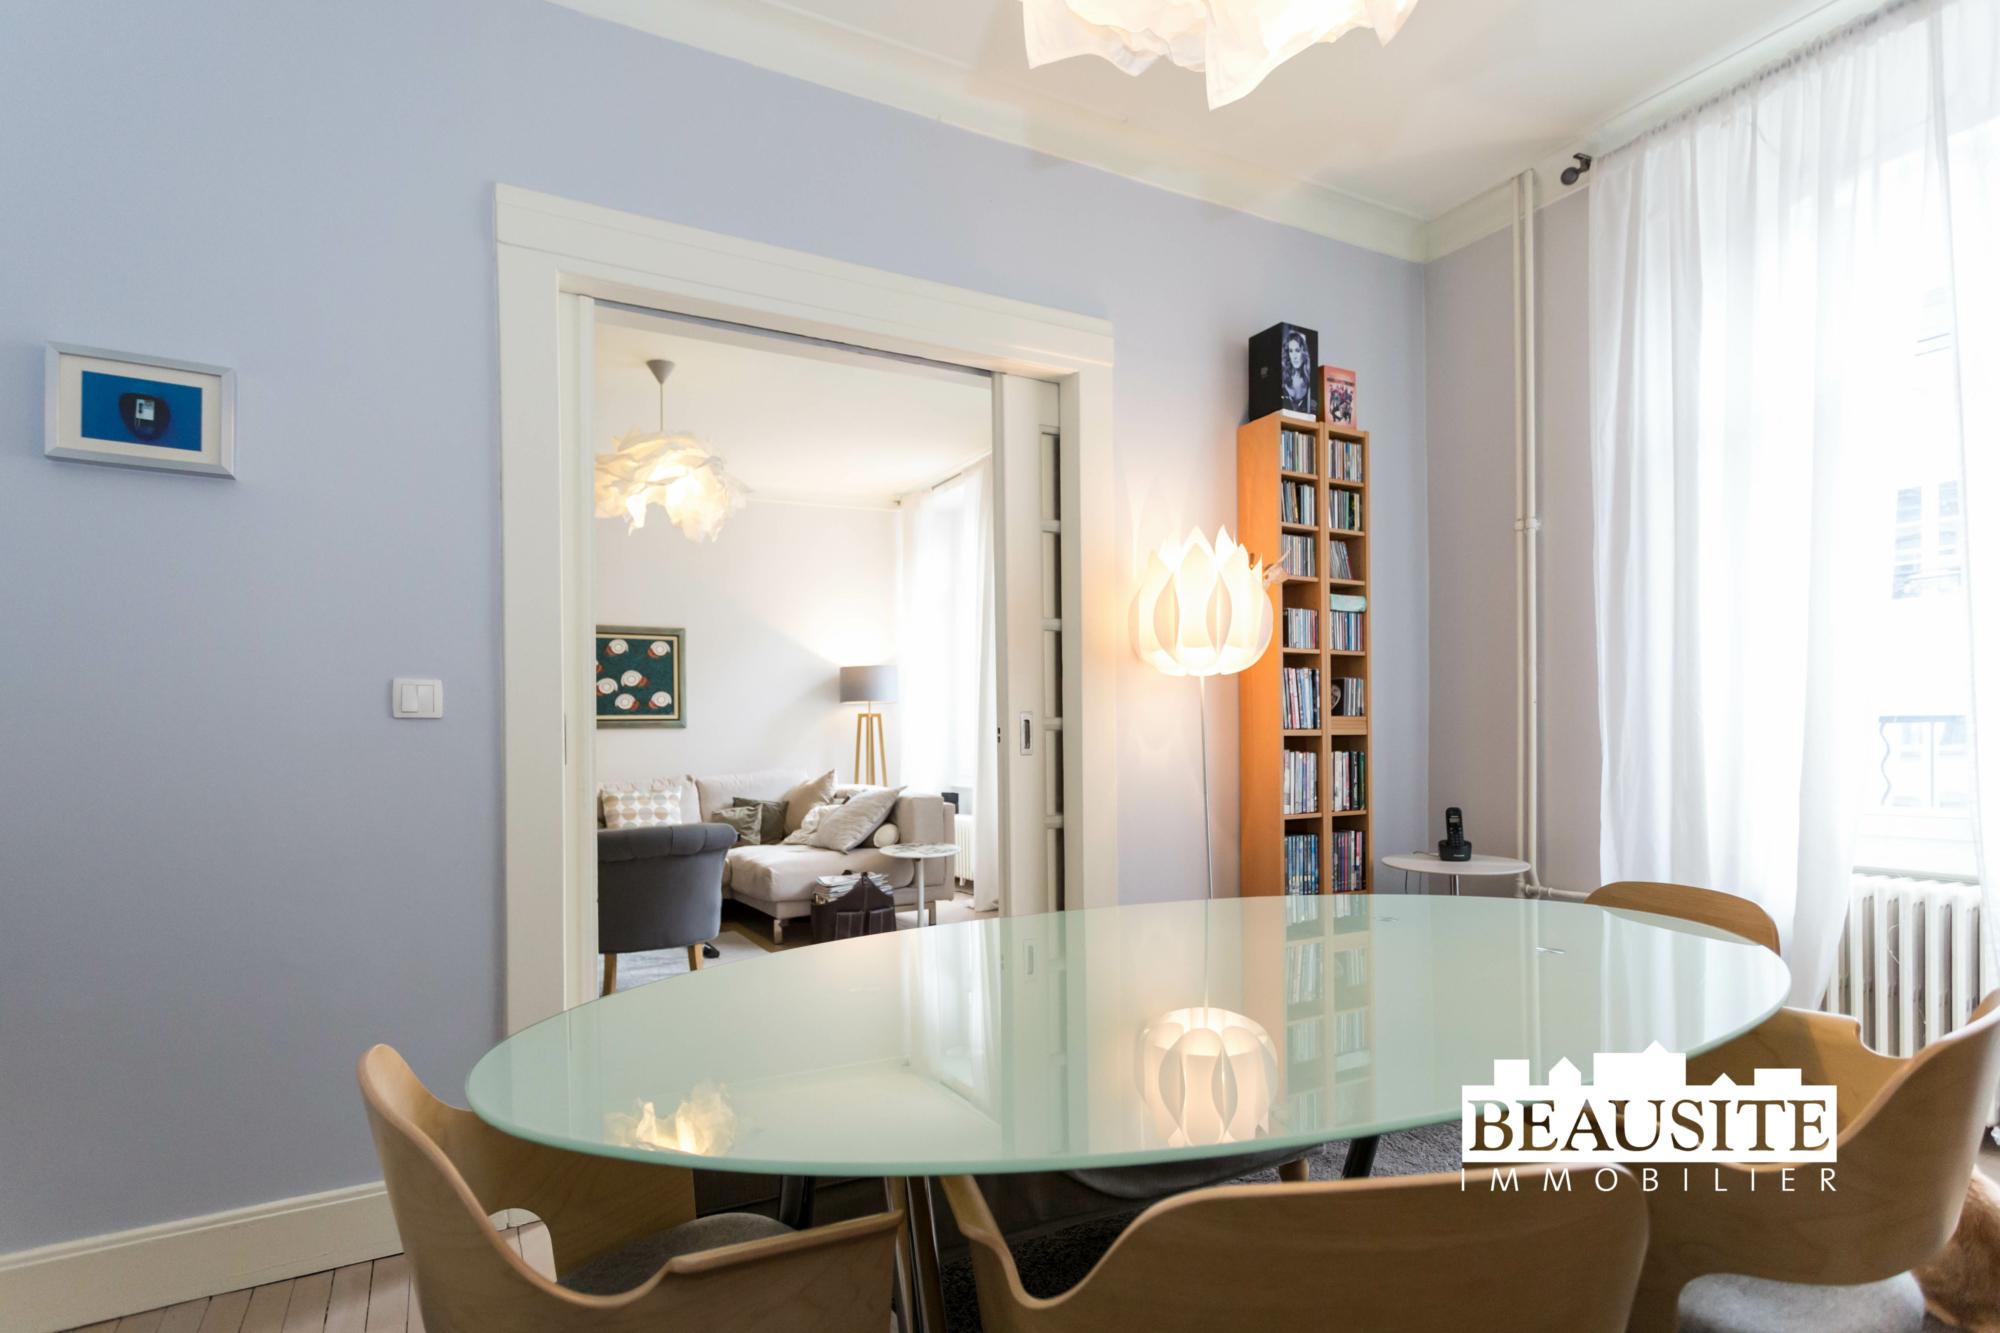 [La bulle] Un appartement cosy au cœur de Strasbourg - Halles / rue du Marché - nos ventes - Beausite Immobilier 5